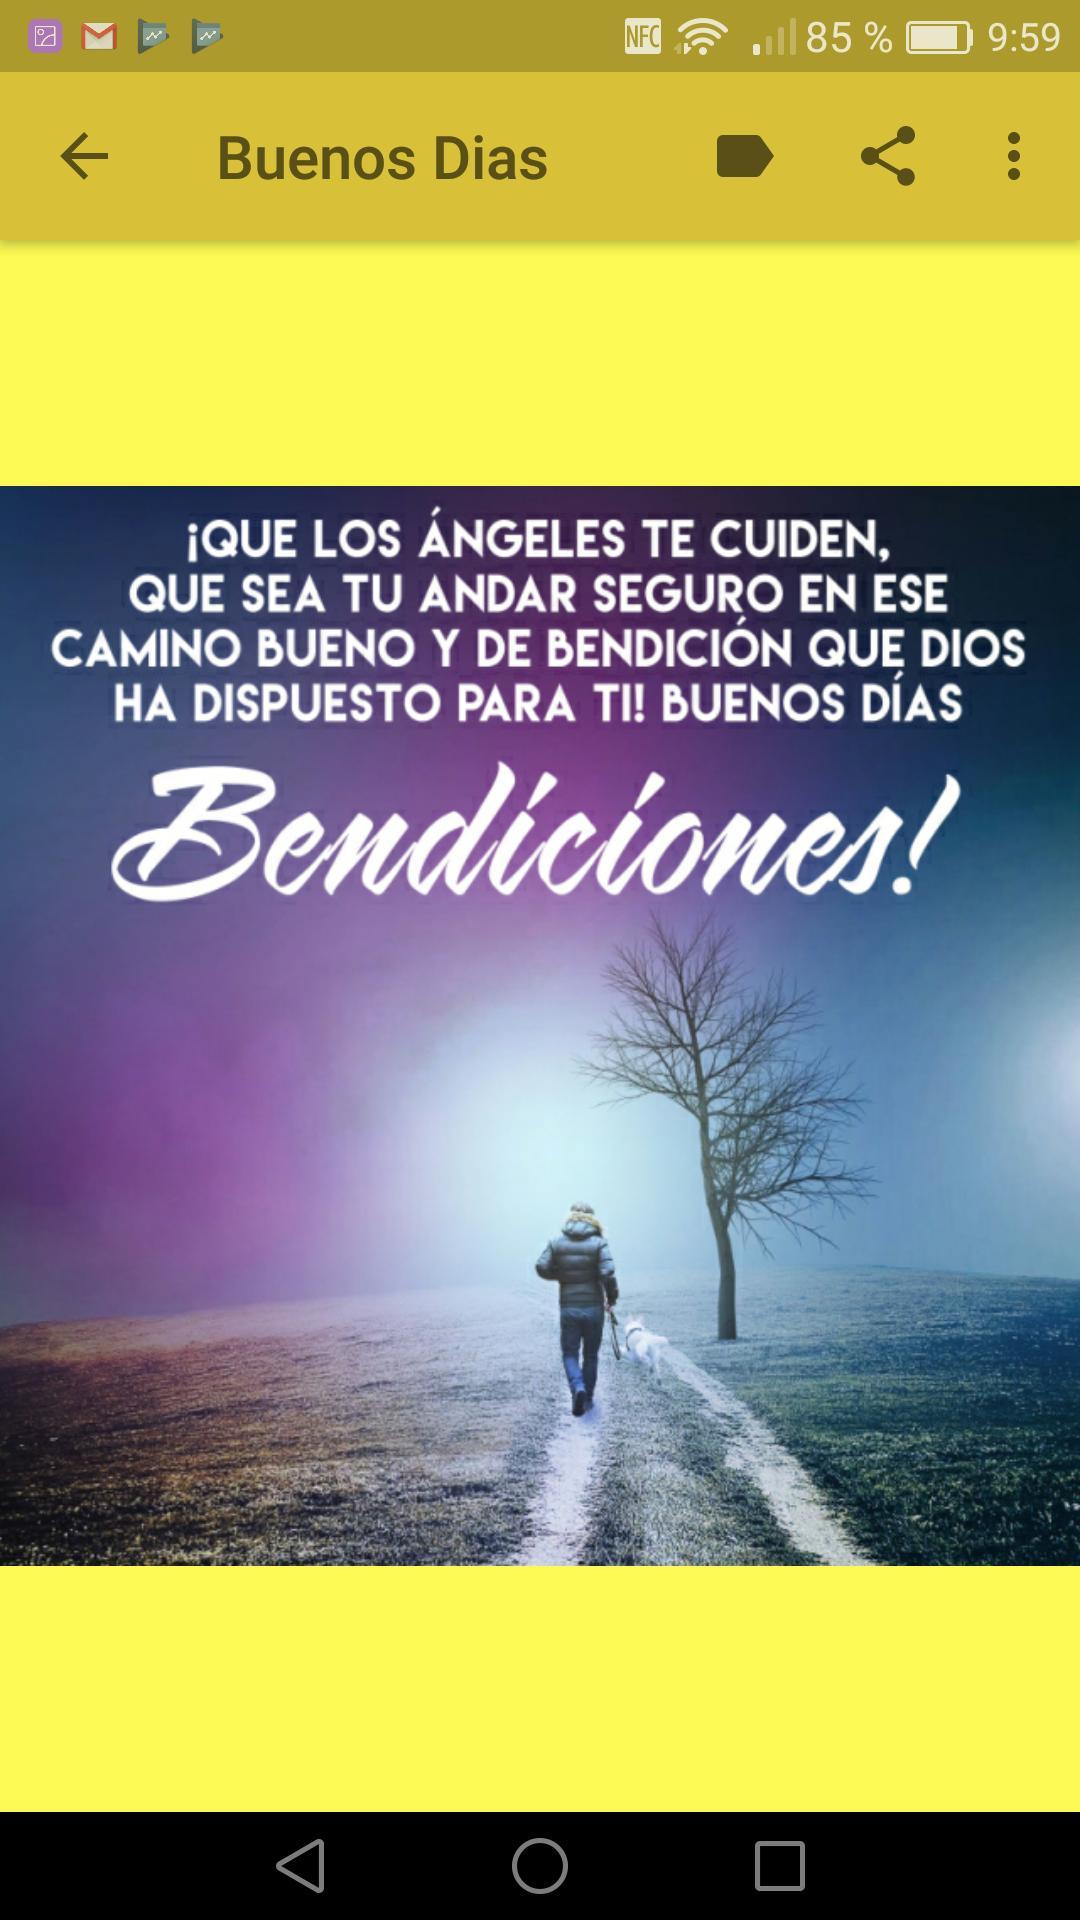 Frases Cristianas De Buenos Dias For Android Apk Download